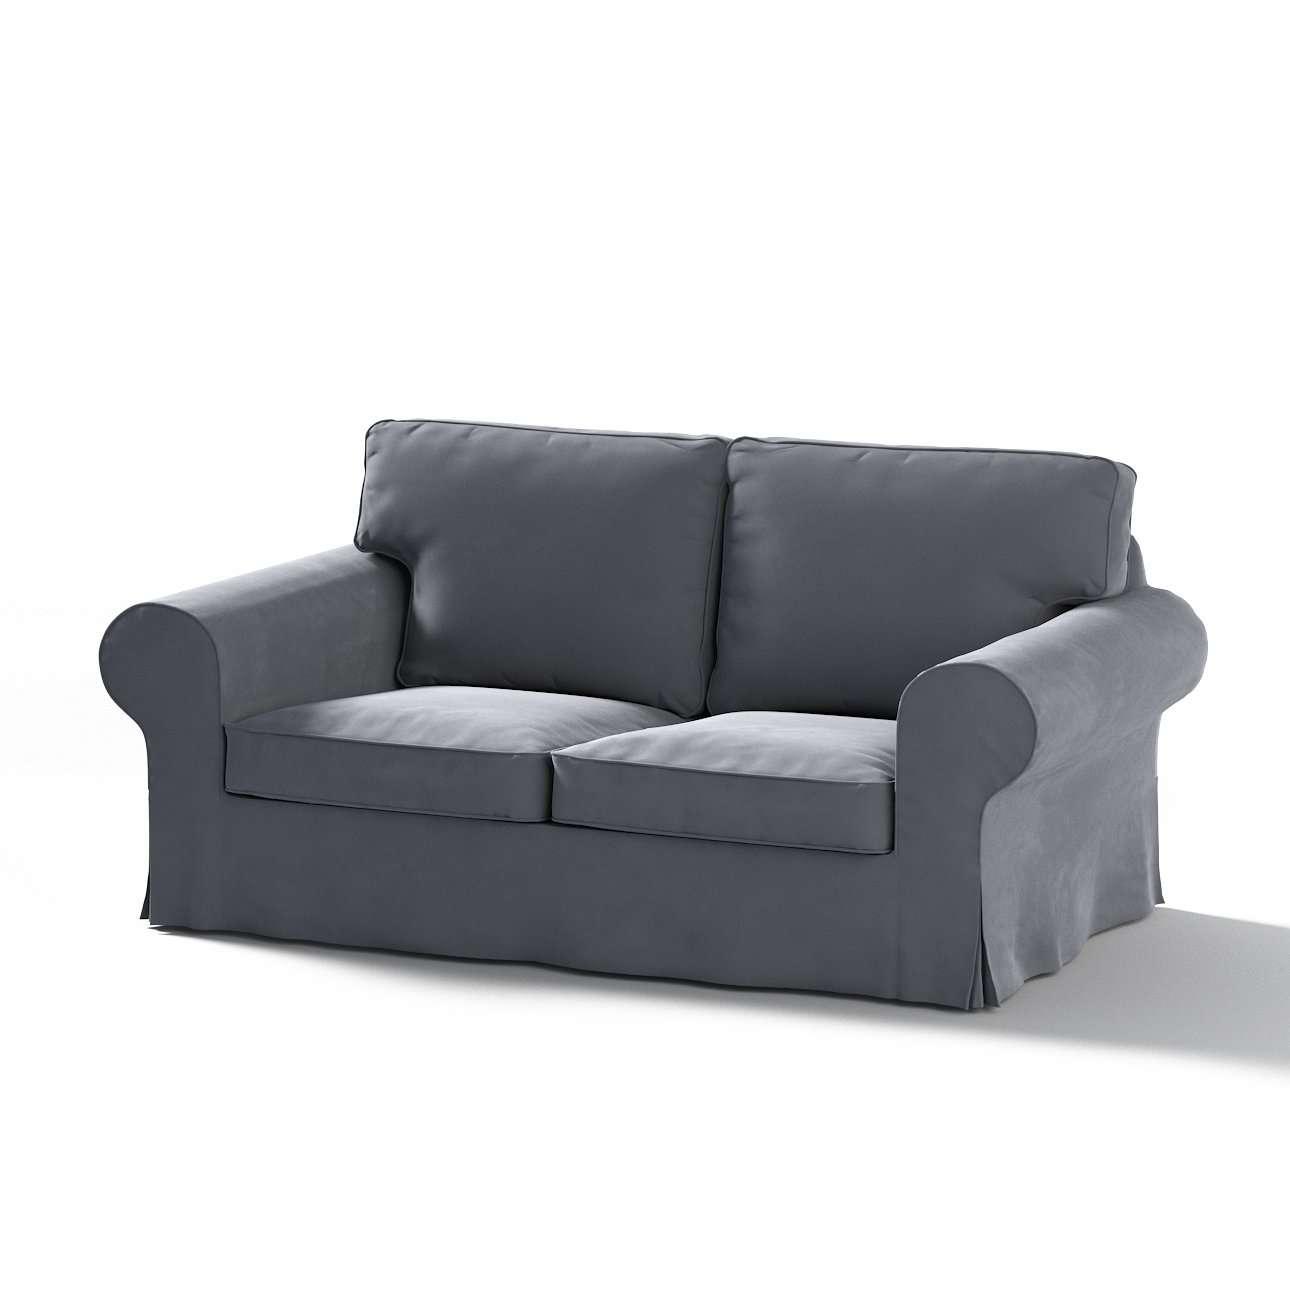 Bezug für Ektorp 2-Sitzer Schlafsofa ALTES Modell von der Kollektion Velvet, Stoff: 704-12